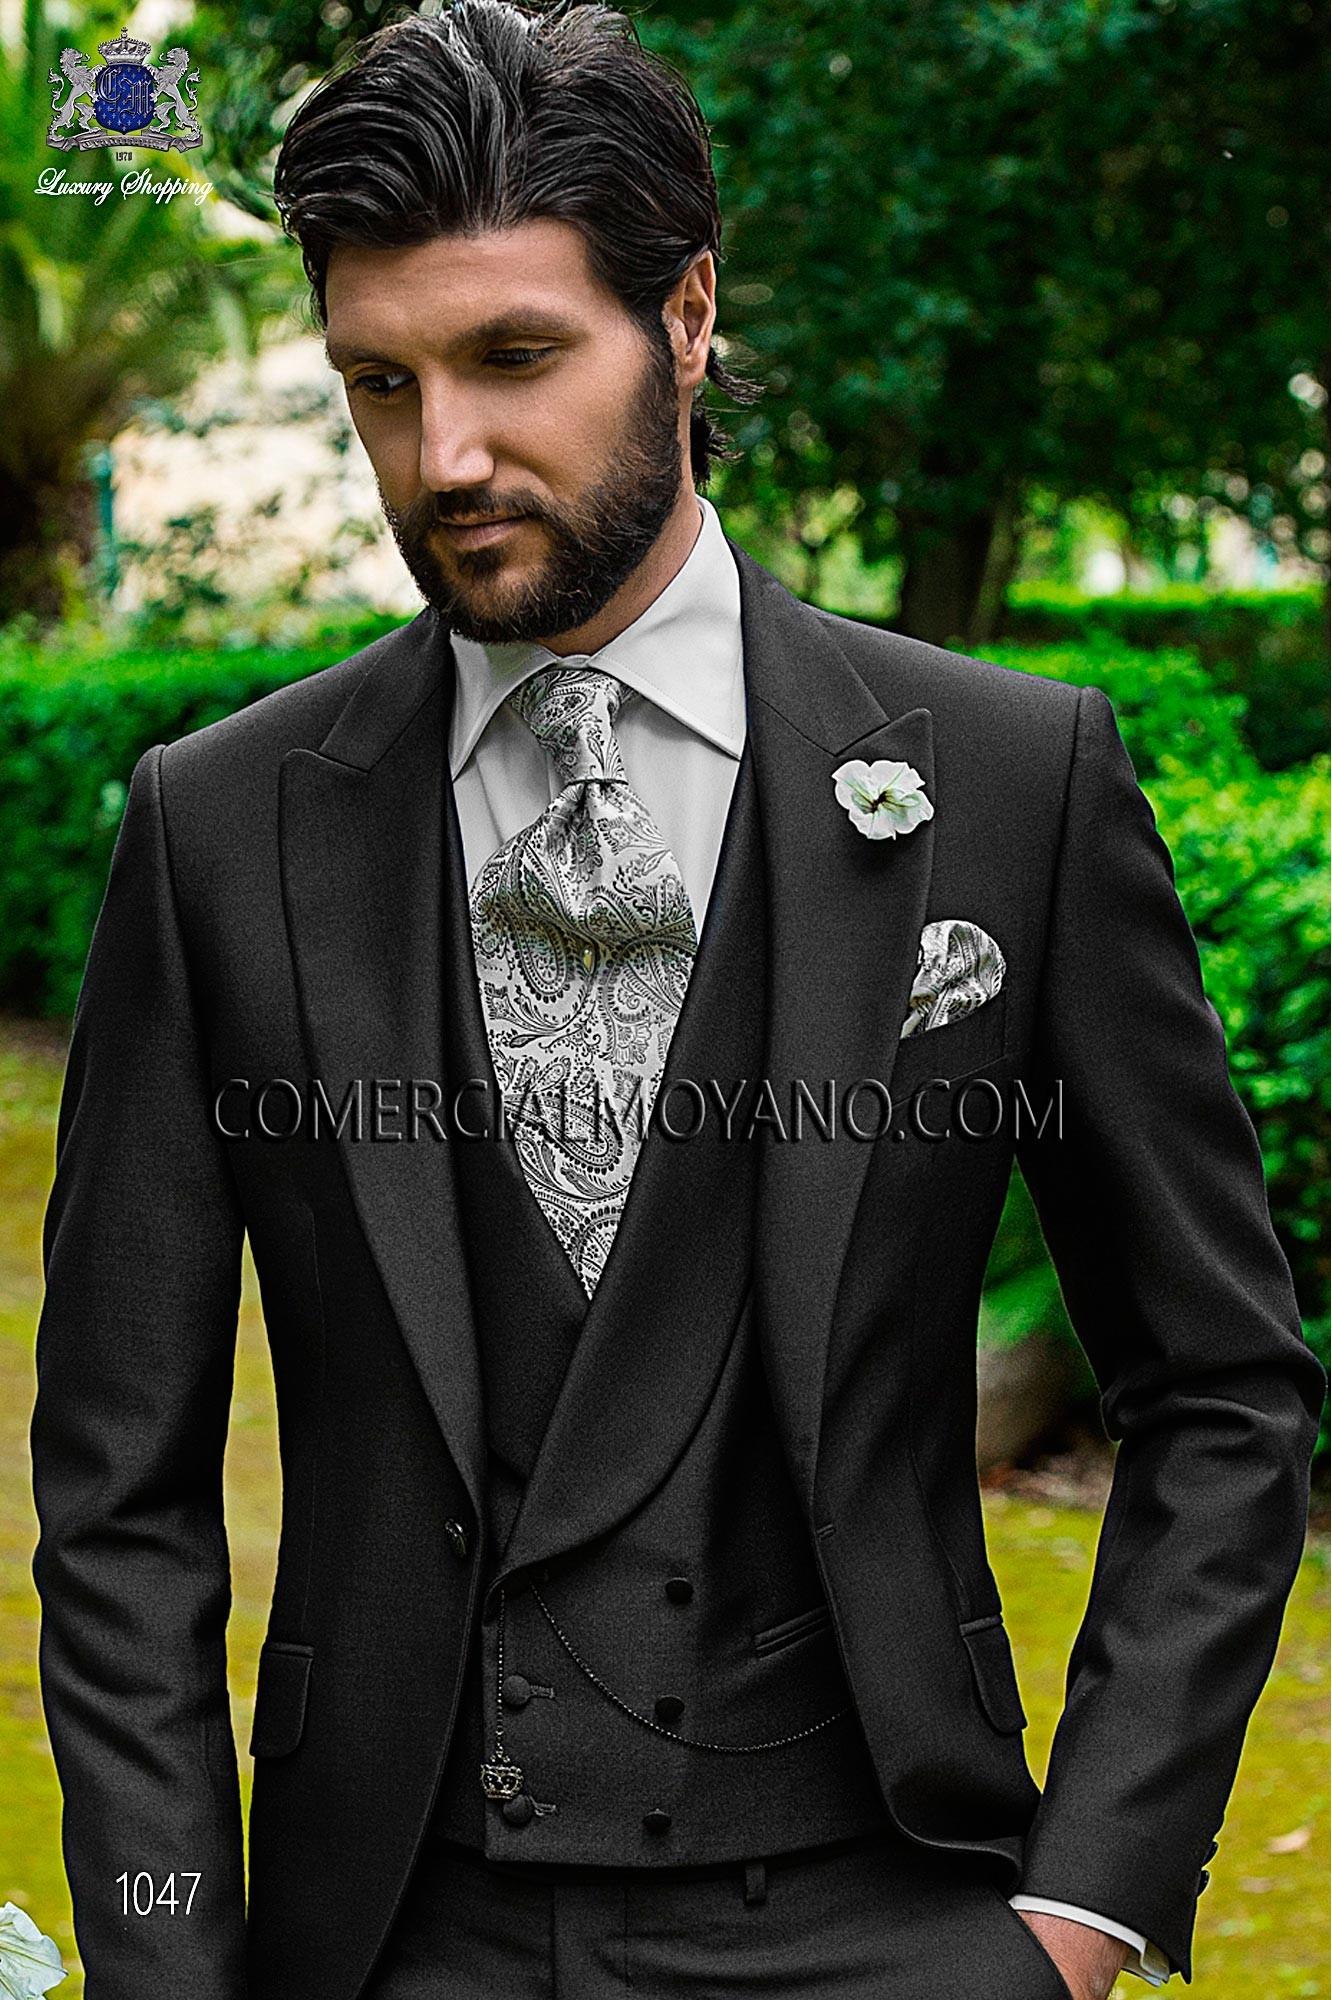 Traje Fashion de novio gris modelo: 1047 Ottavio Nuccio Gala colección Fashion